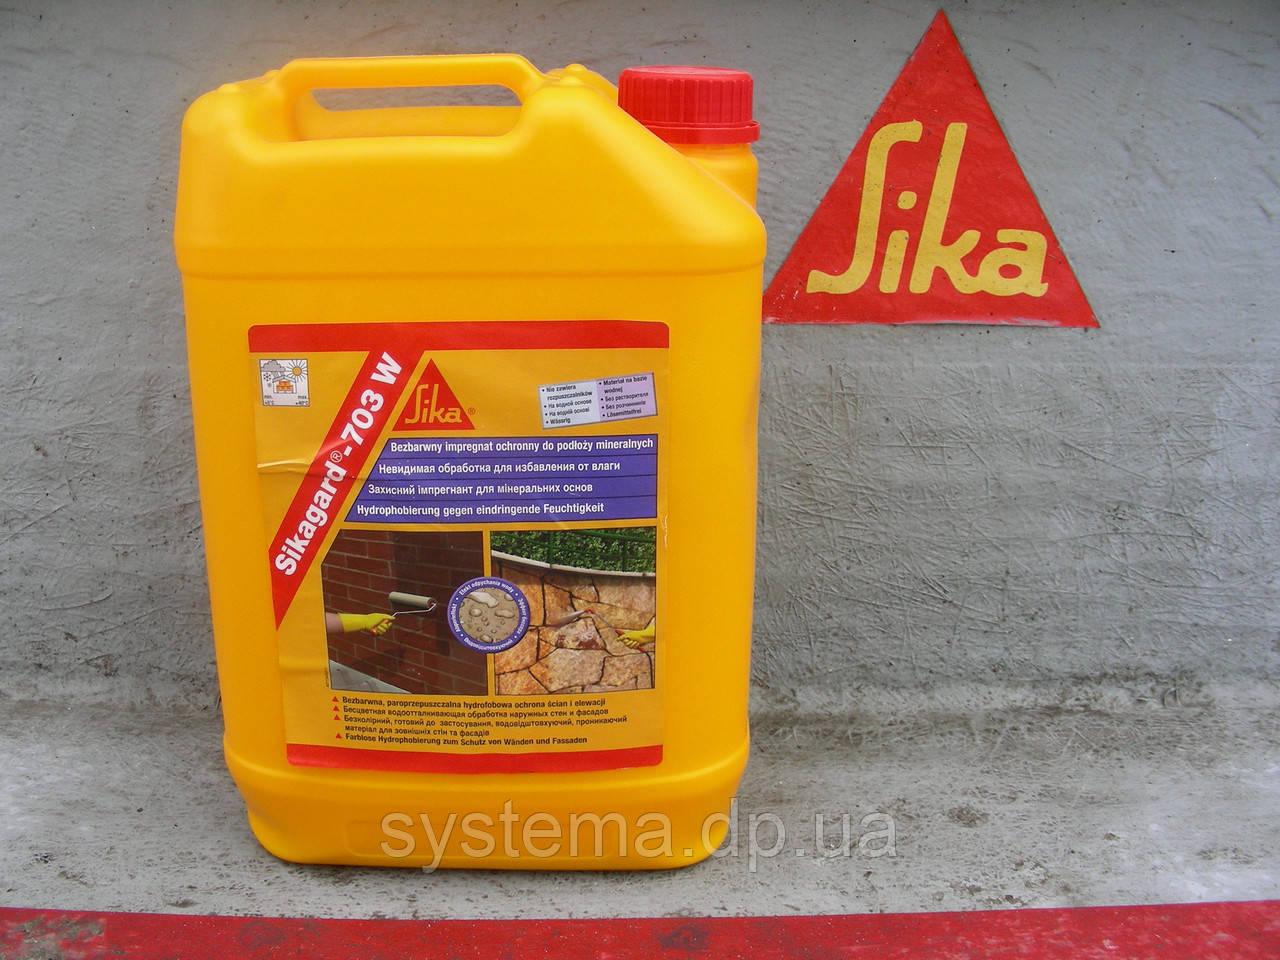 Sikagard®-703 W - Гидрофобизирующая пропитка Сика для защиты фасадов на водной основе, 5 л